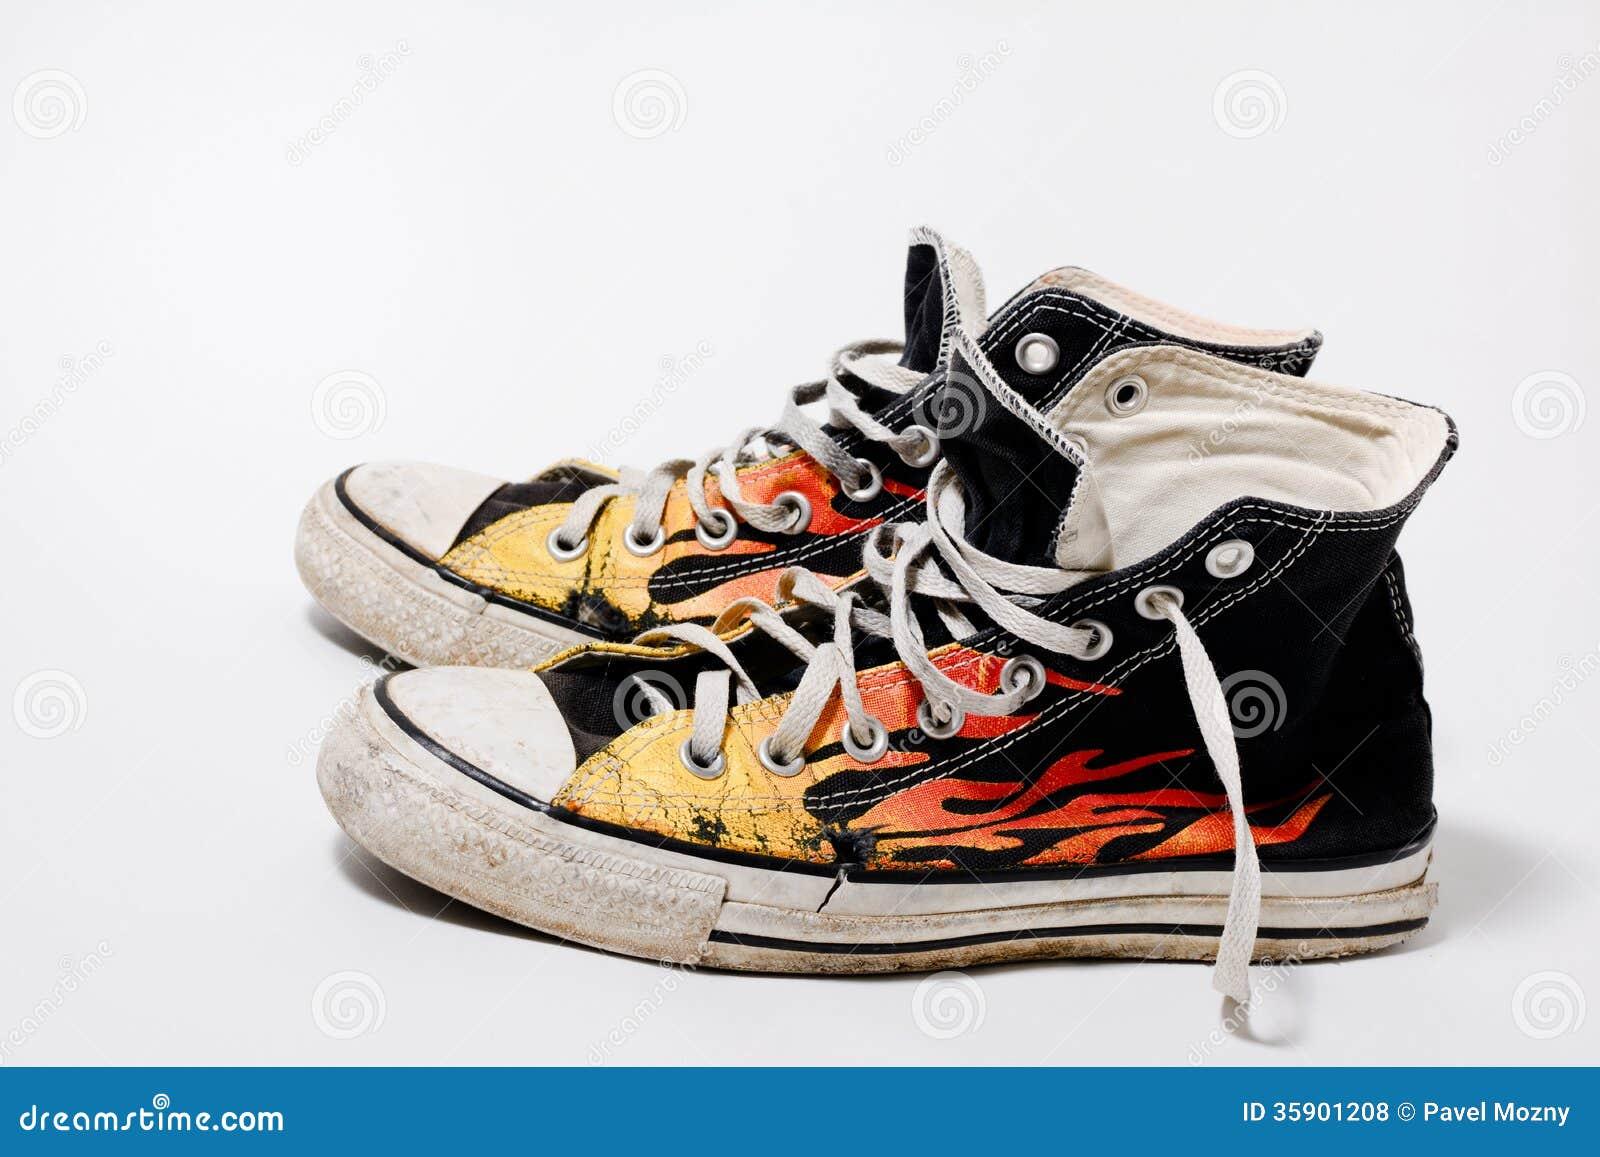 破旧的逆全明星鞋子图片